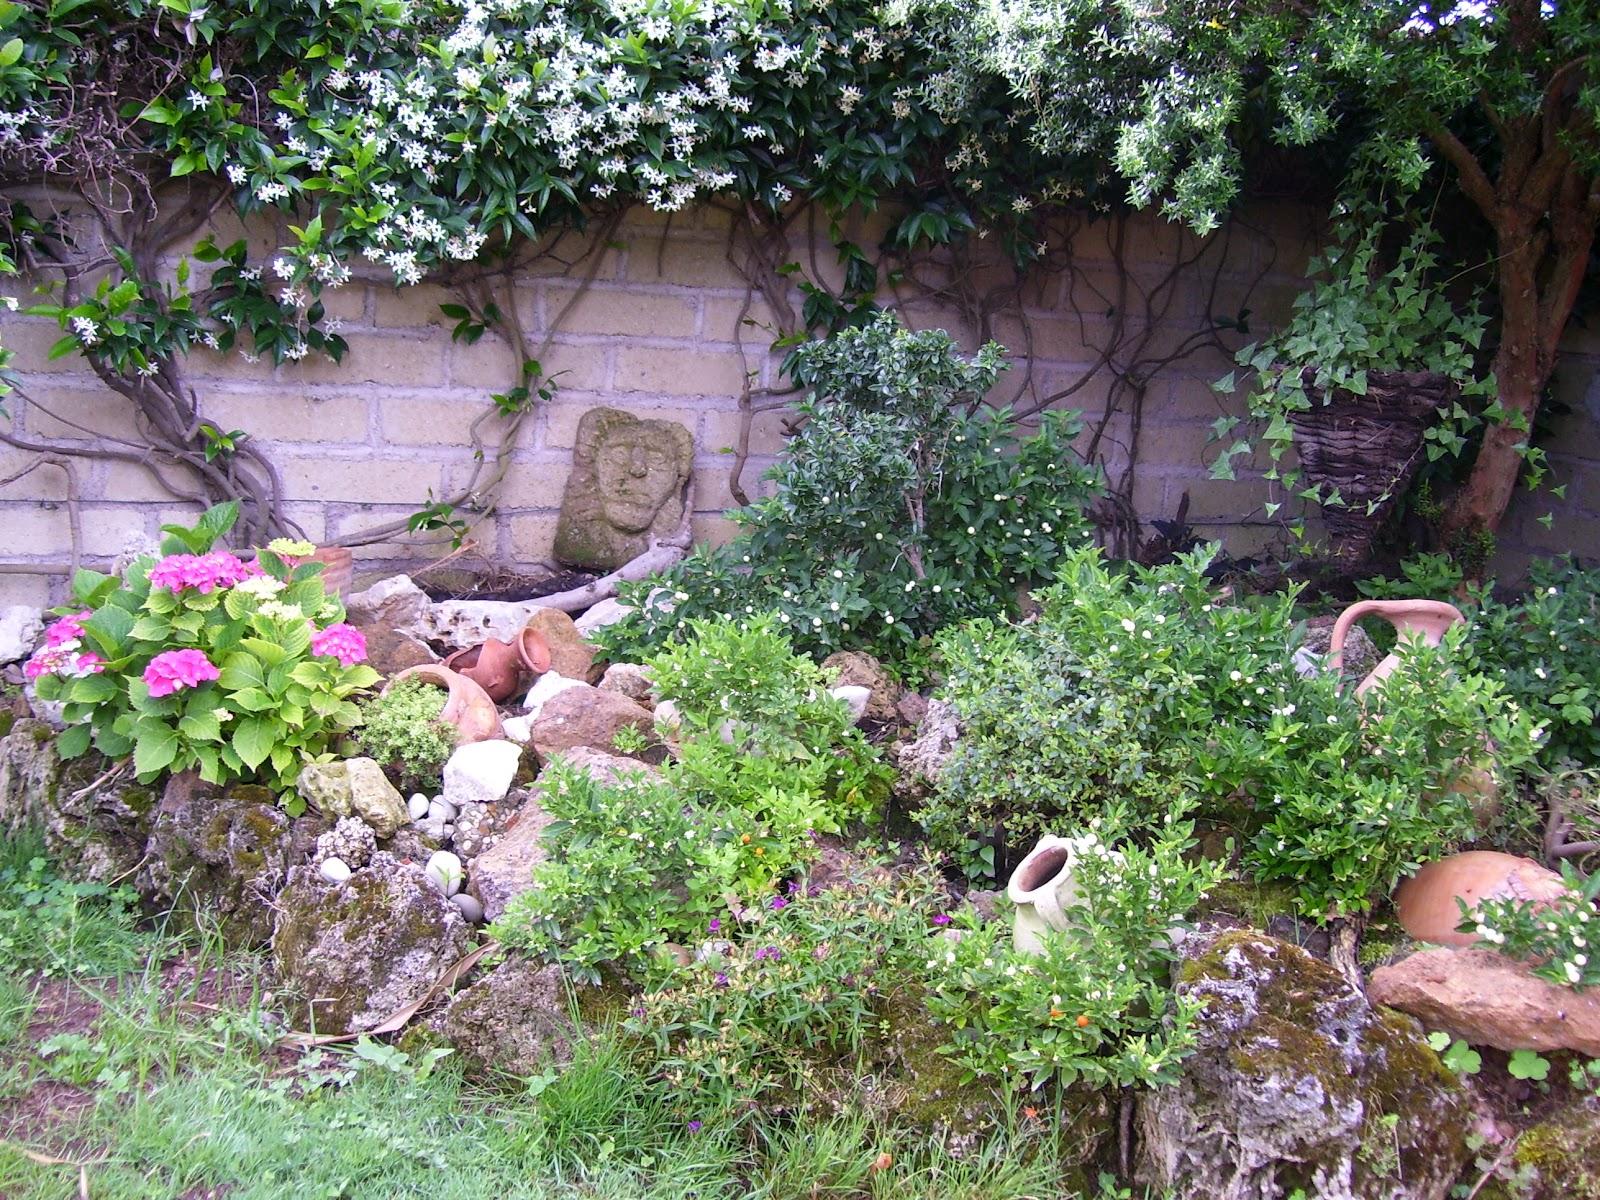 I fiori parlano lo chiamano giardinaggio creativo - Il giardino roccioso ...